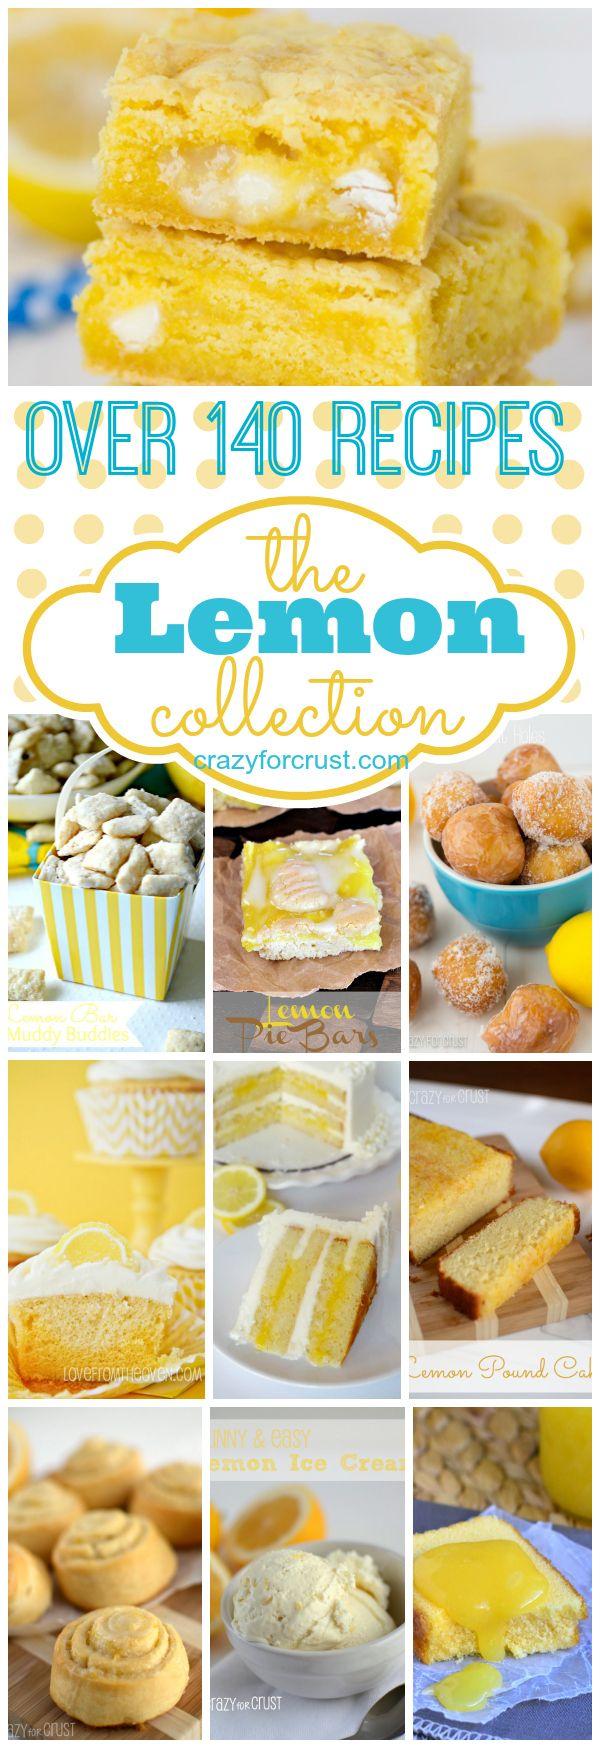 Over 140 Lemon Recipes to satisfy your citrus tooth! | crazyforcrust.com @Crazy for Crust